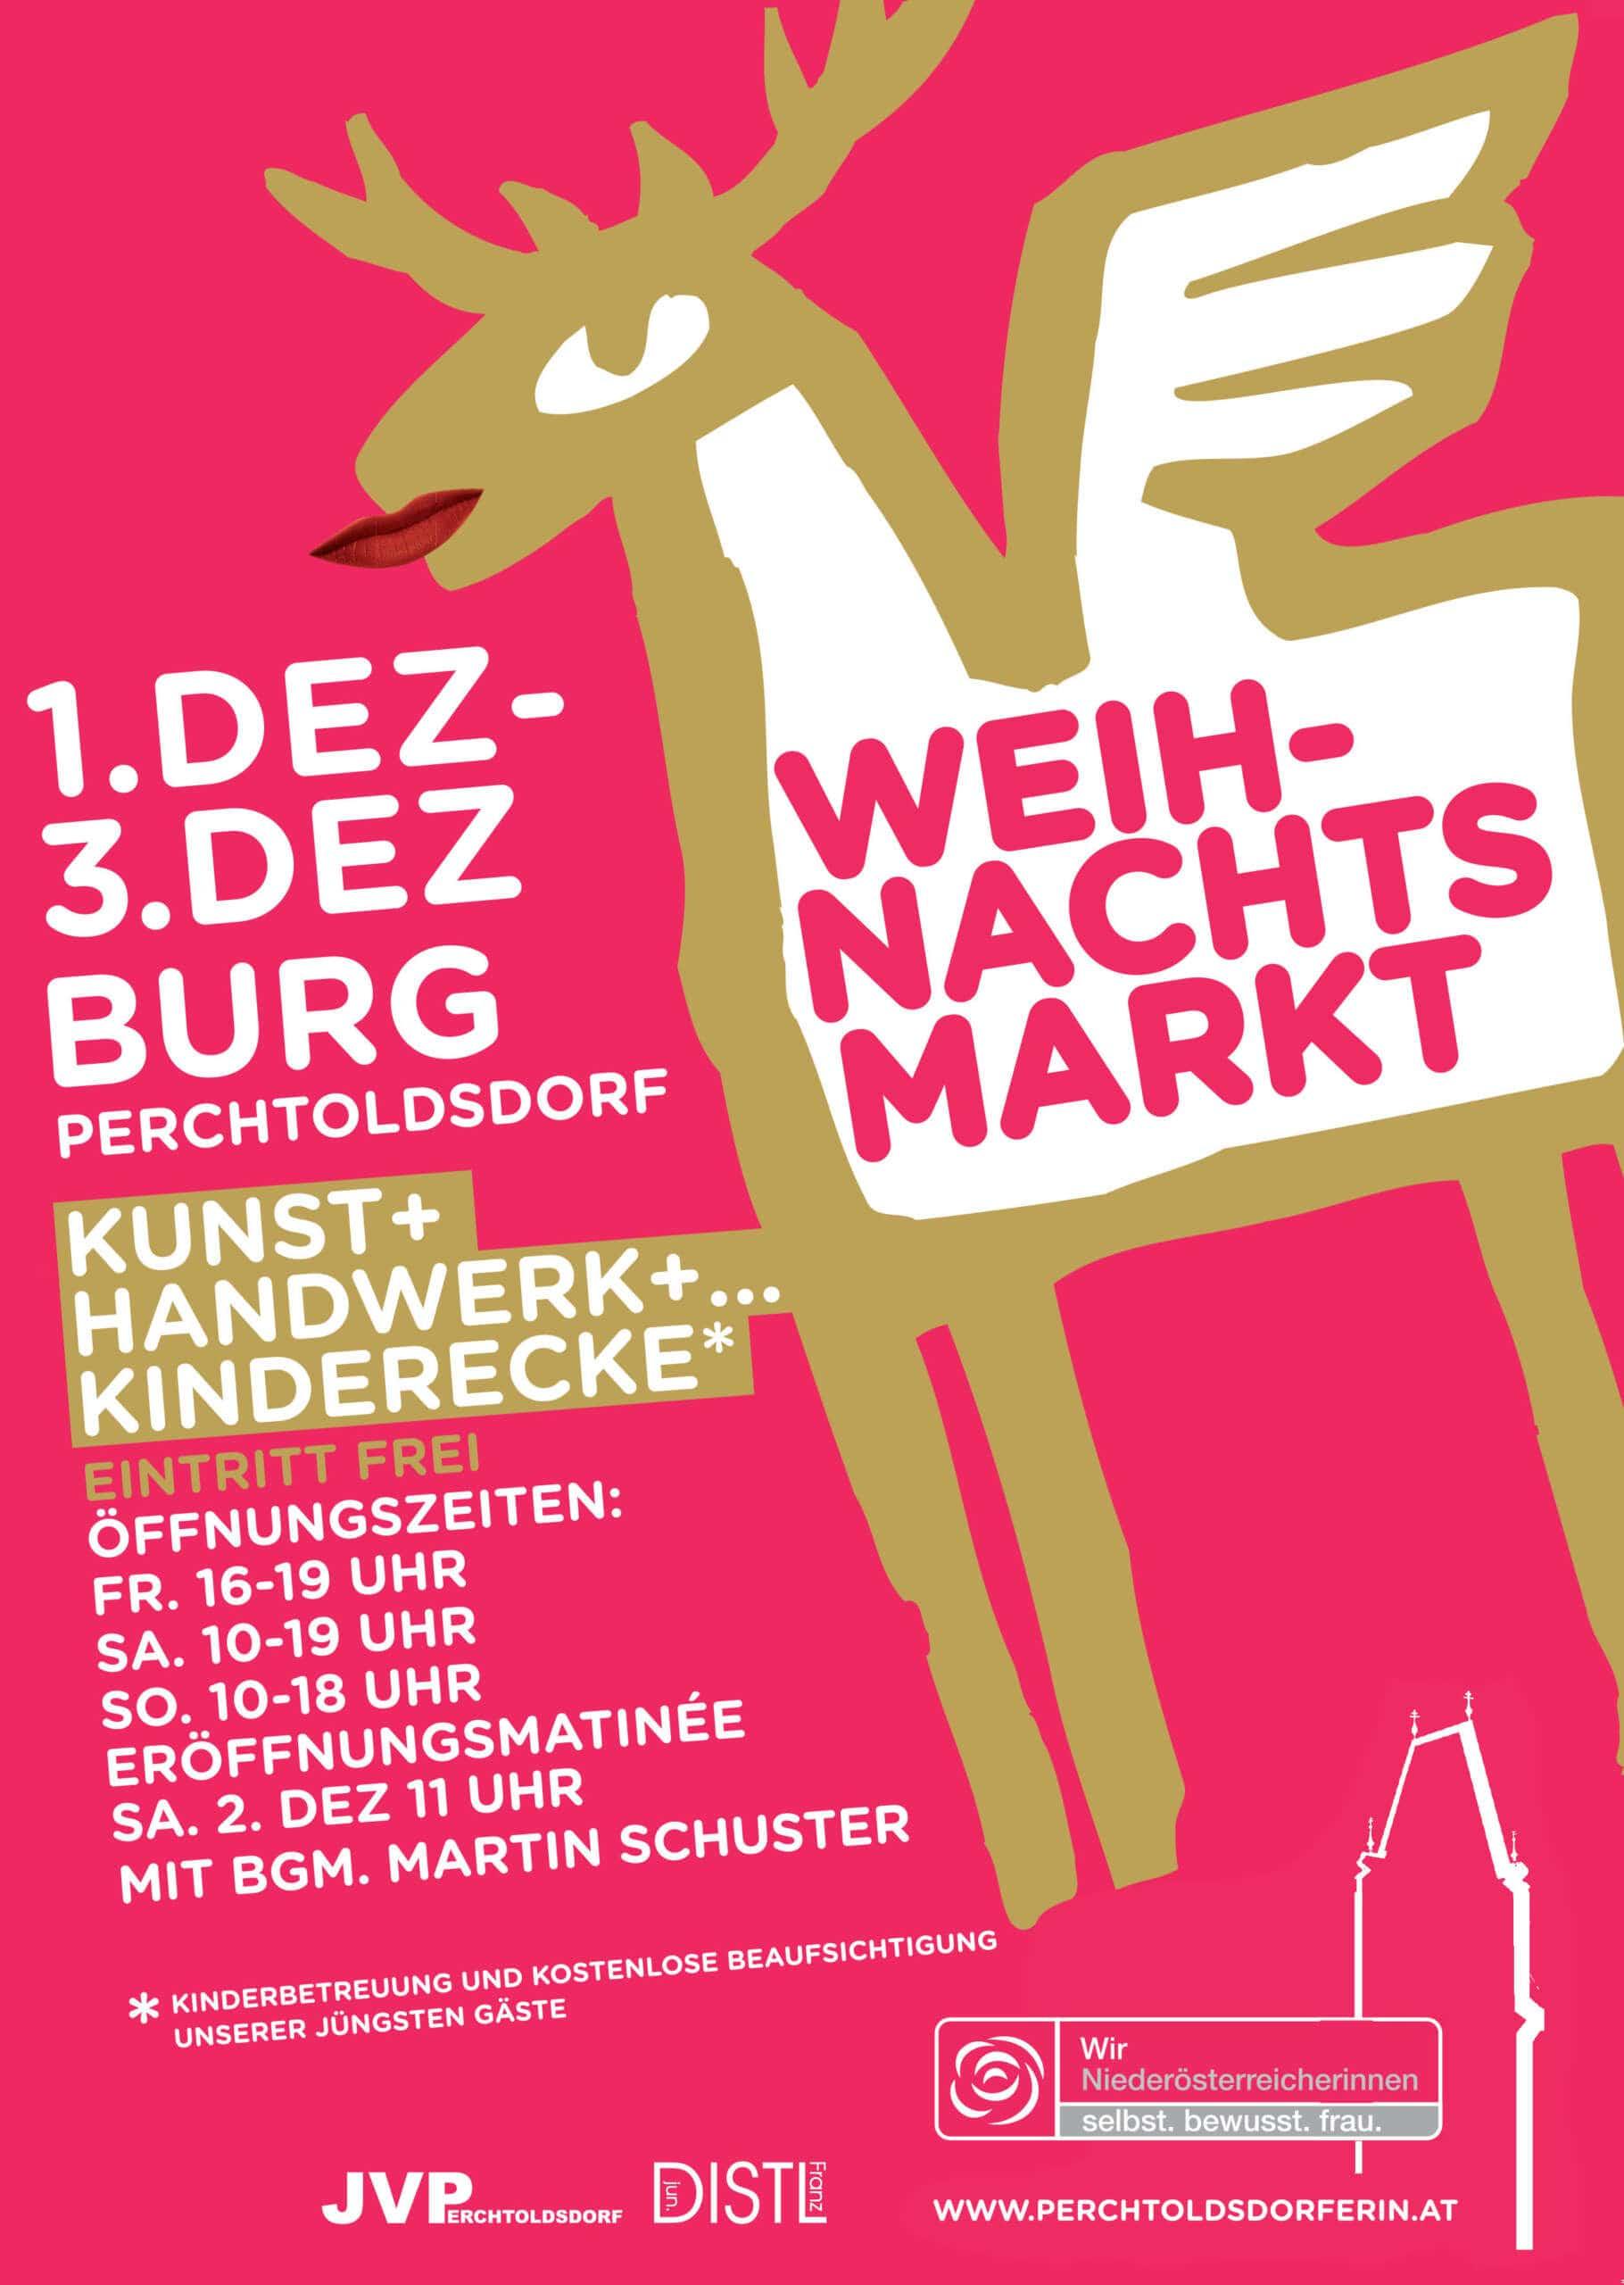 Weihnachtsmarkt in der Burg Perchtoldsdorf